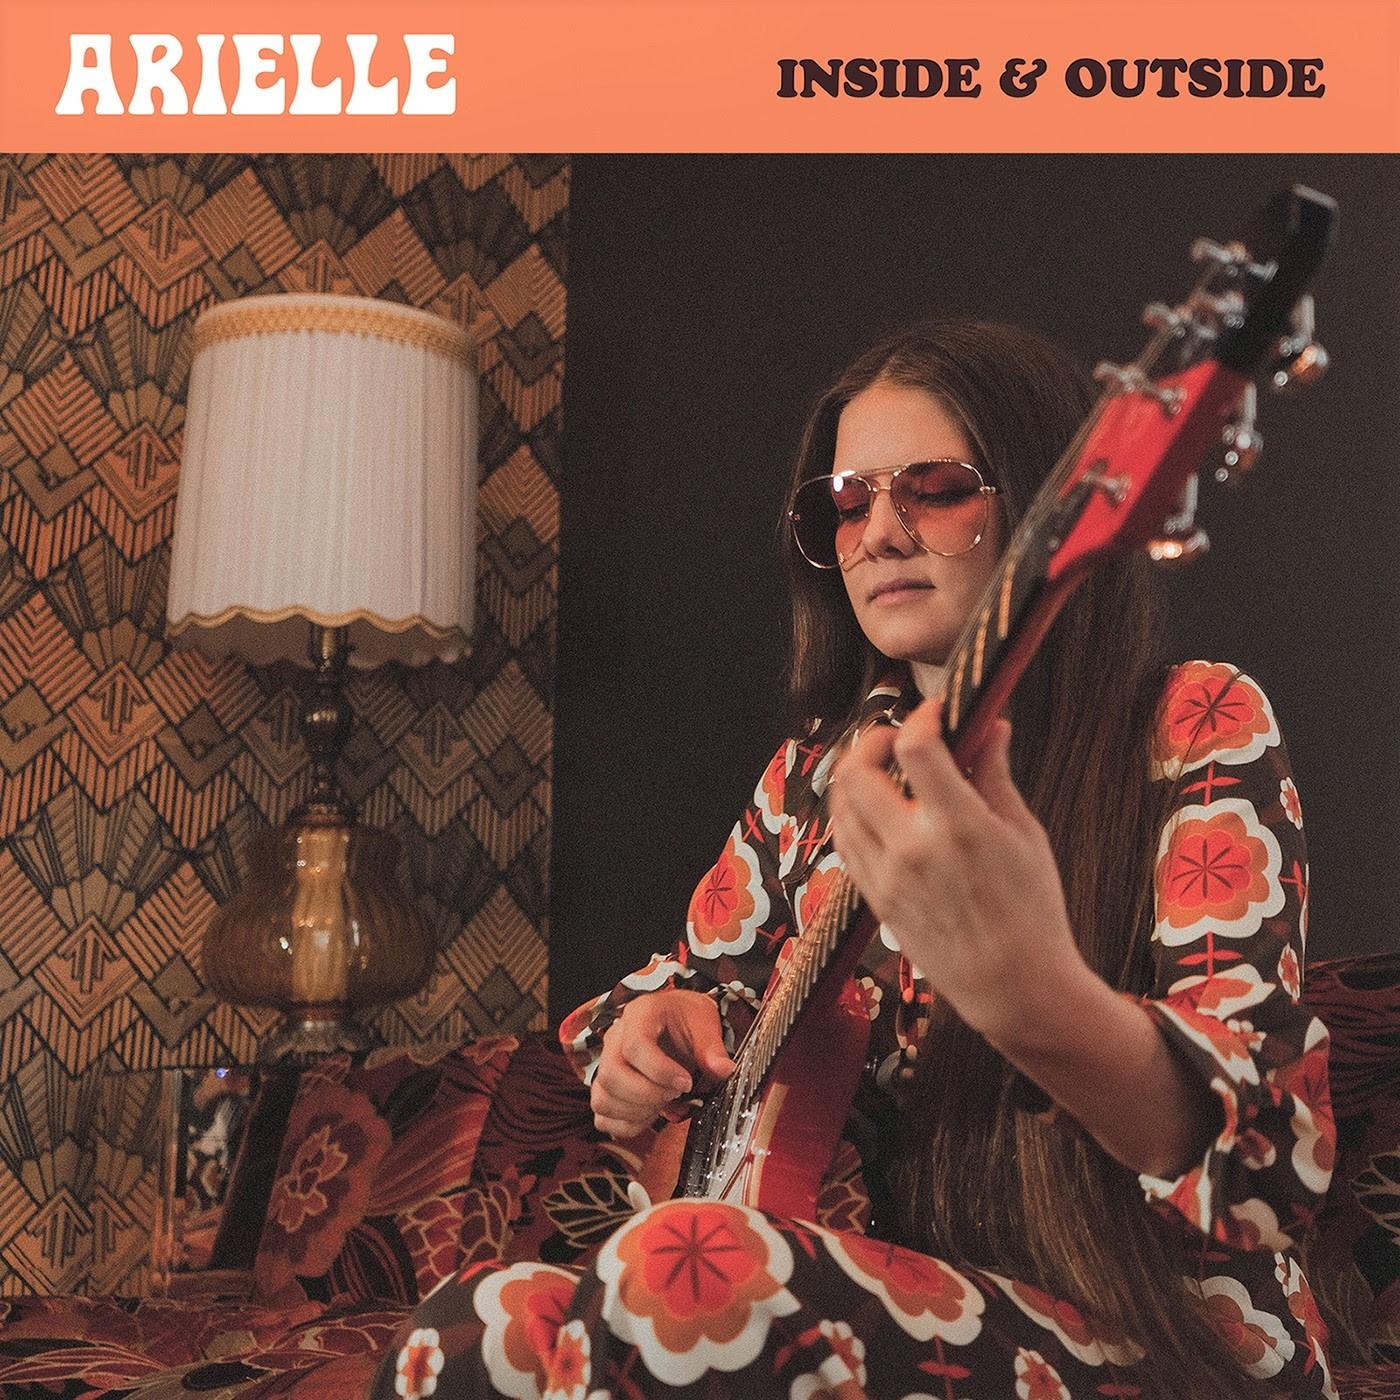 Arielle - Inside & Outside